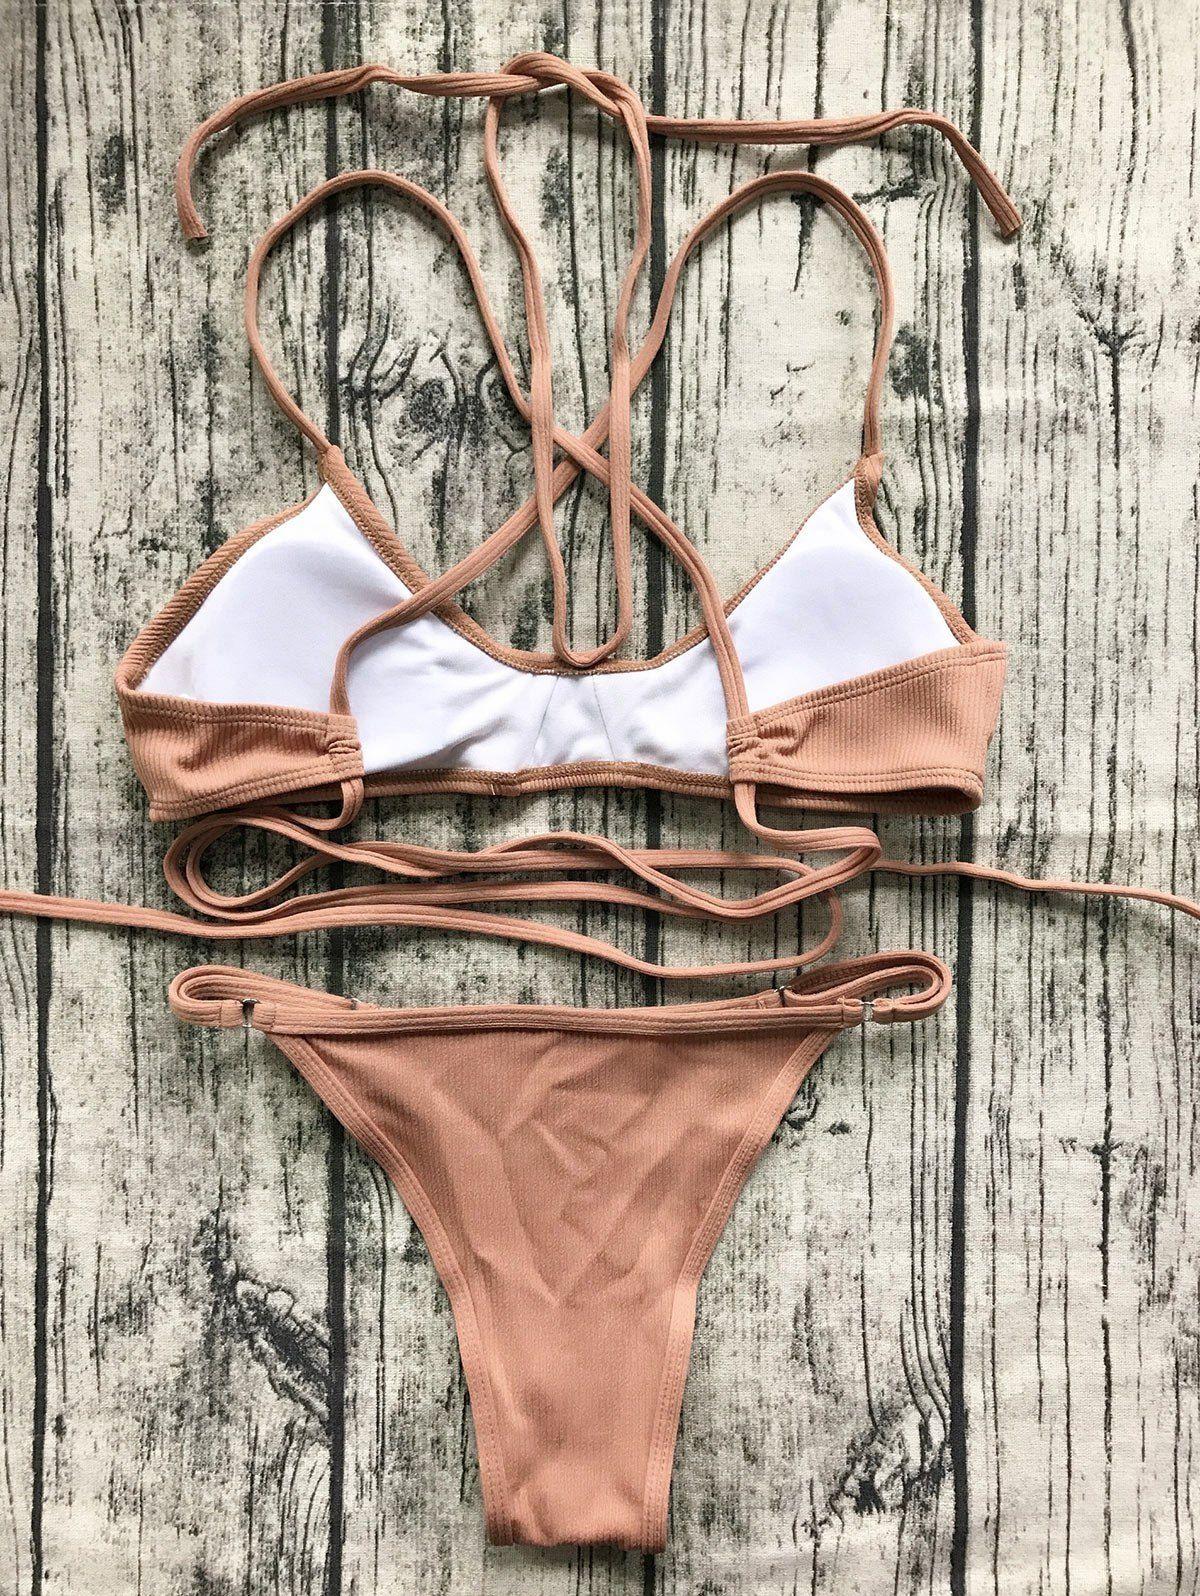 Bikini String BikiniBikinis Bralette SetMermaid V OnwvNm8y0